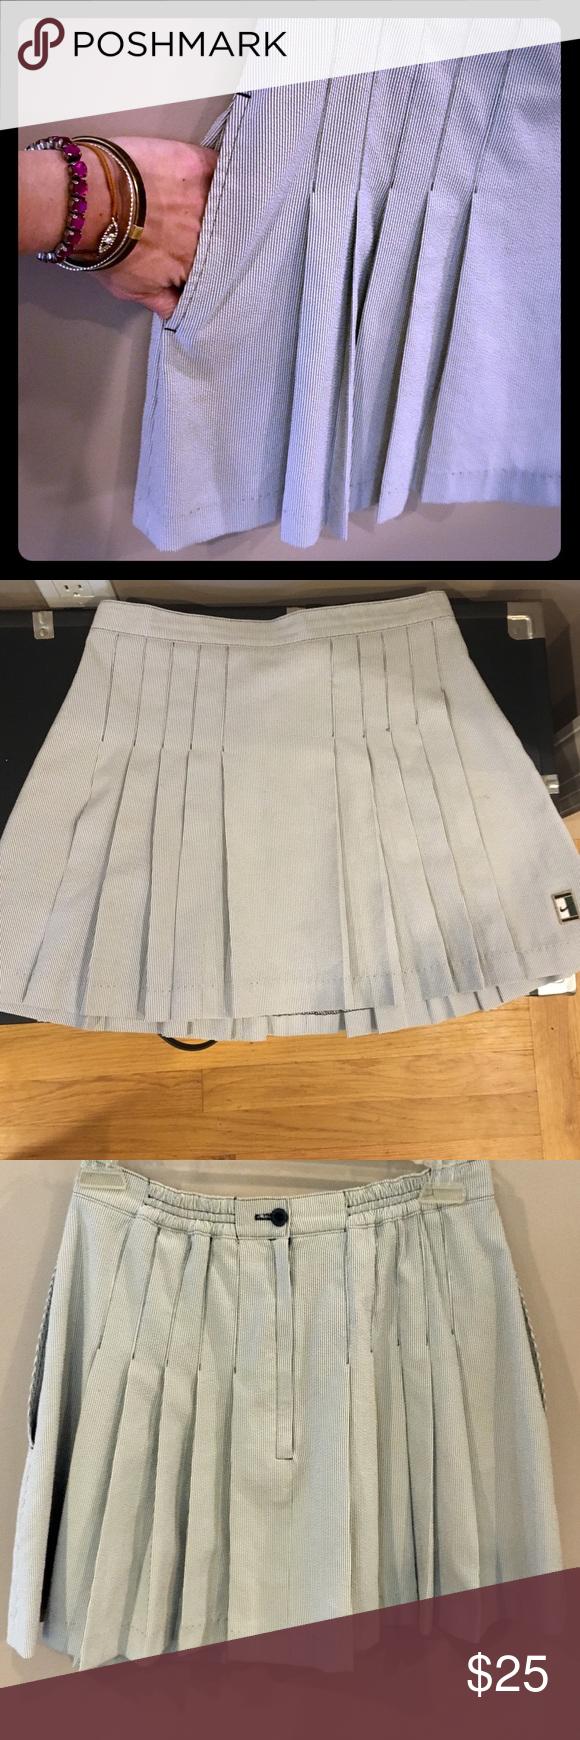 Vintage Nike Pleated Tennis Skirt Tennis Skirt Pleated Tennis Skirt Pleated